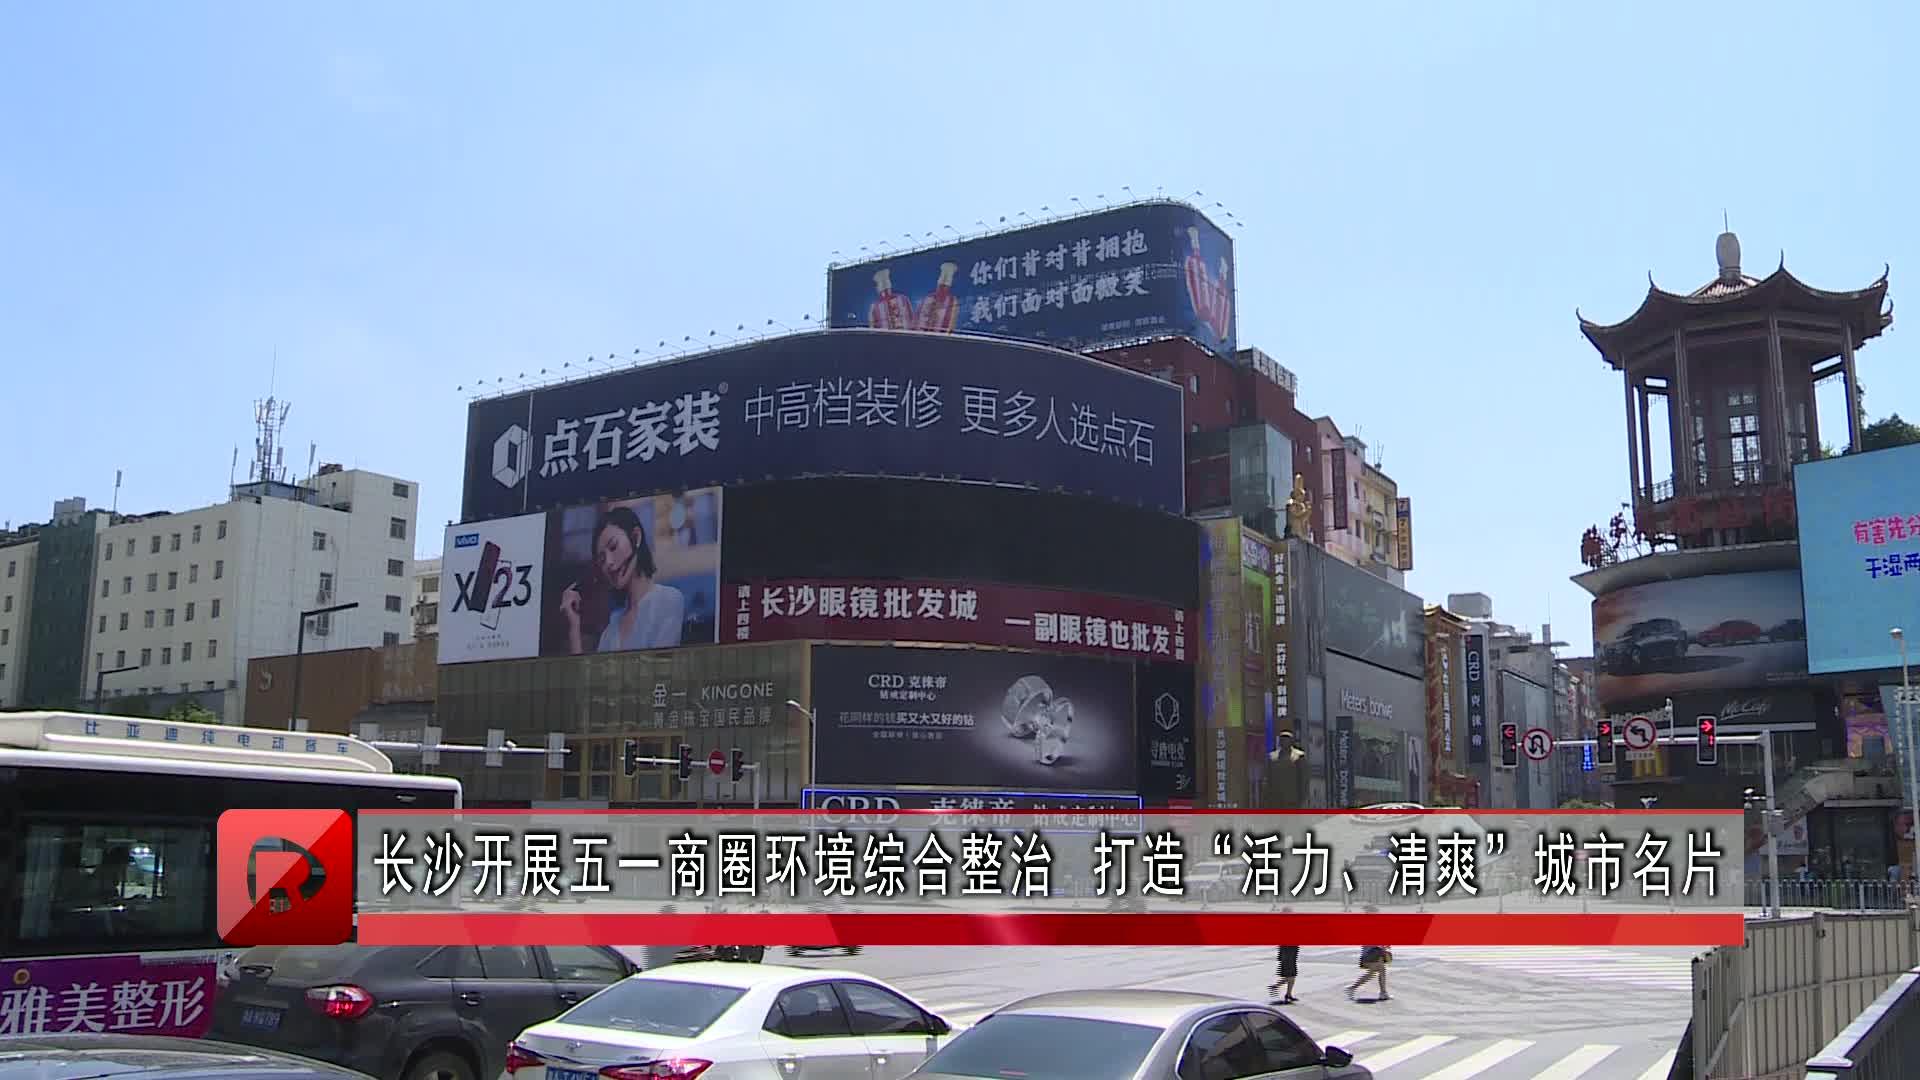 """长沙开展五一广场商圈环境综合整治 打造""""活力 清爽""""城市名片"""